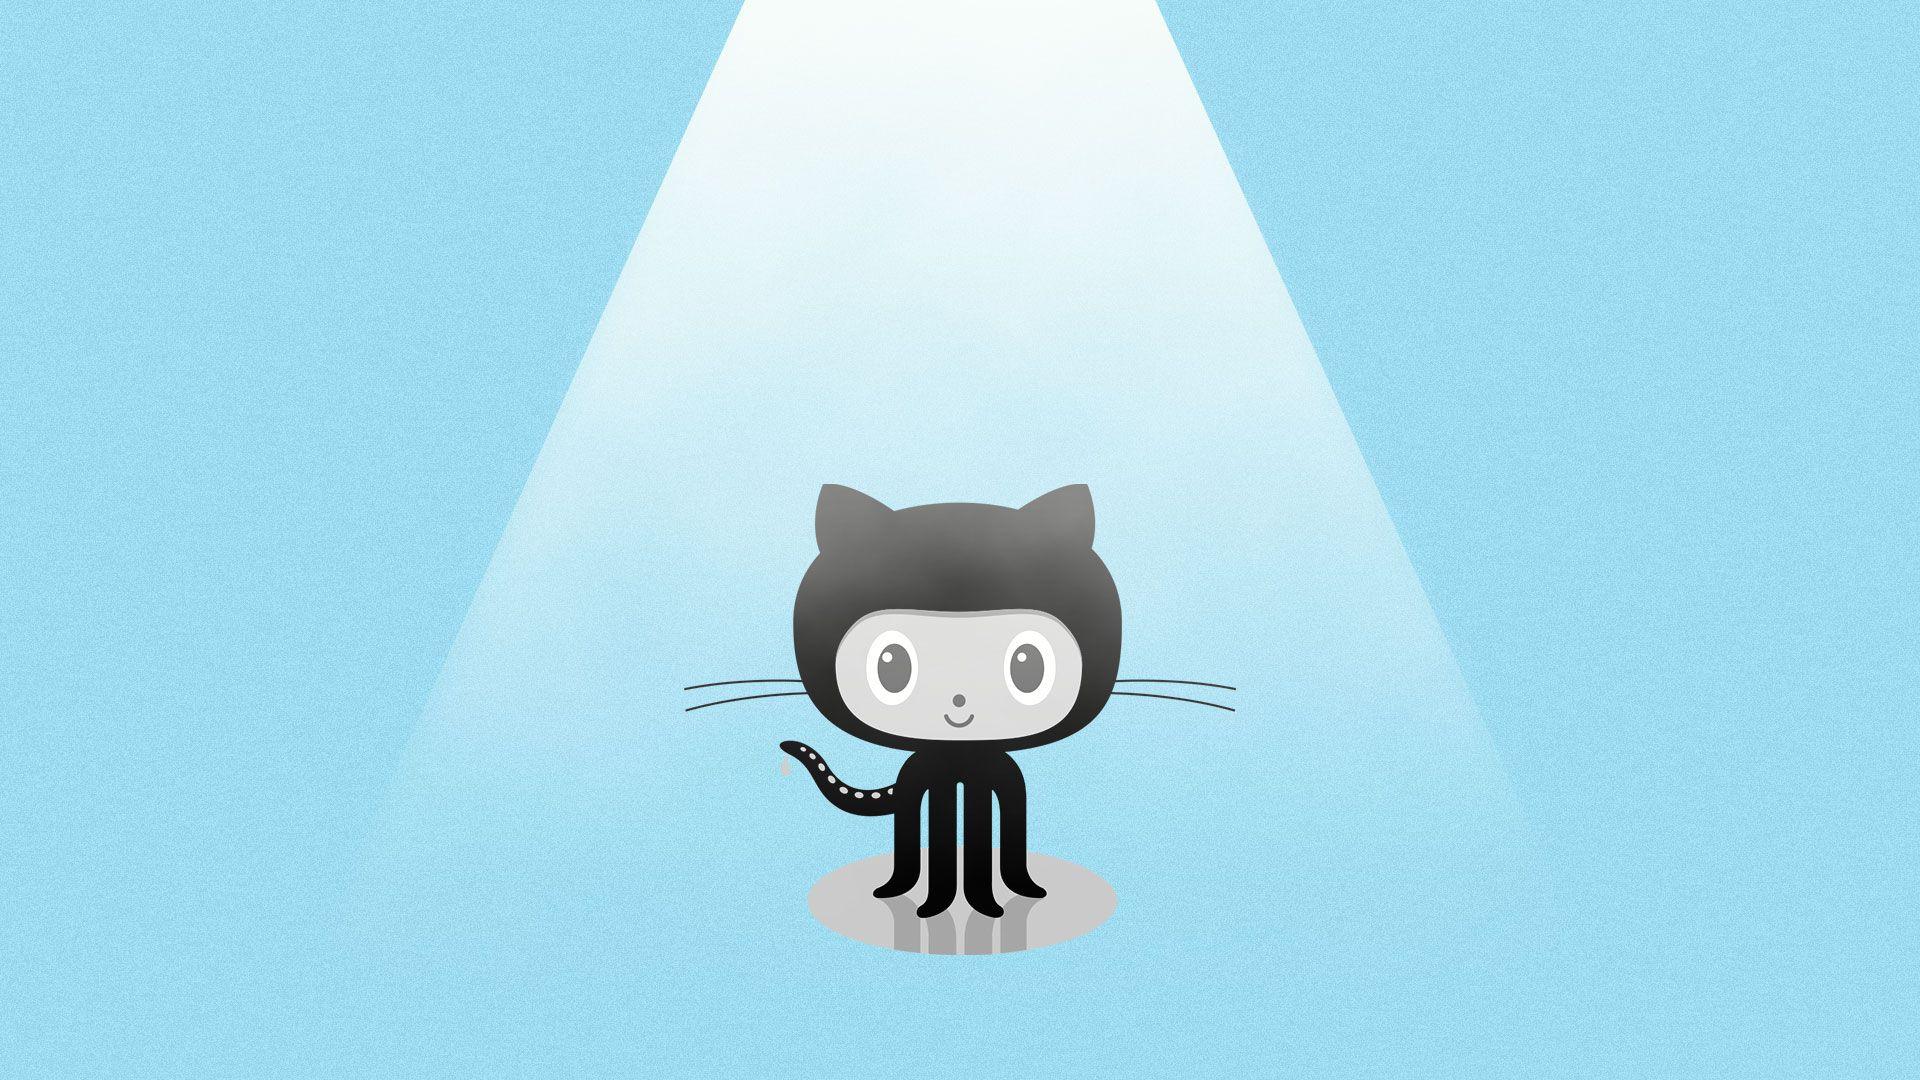 Illustration of Github's Octocat under a spotlight.